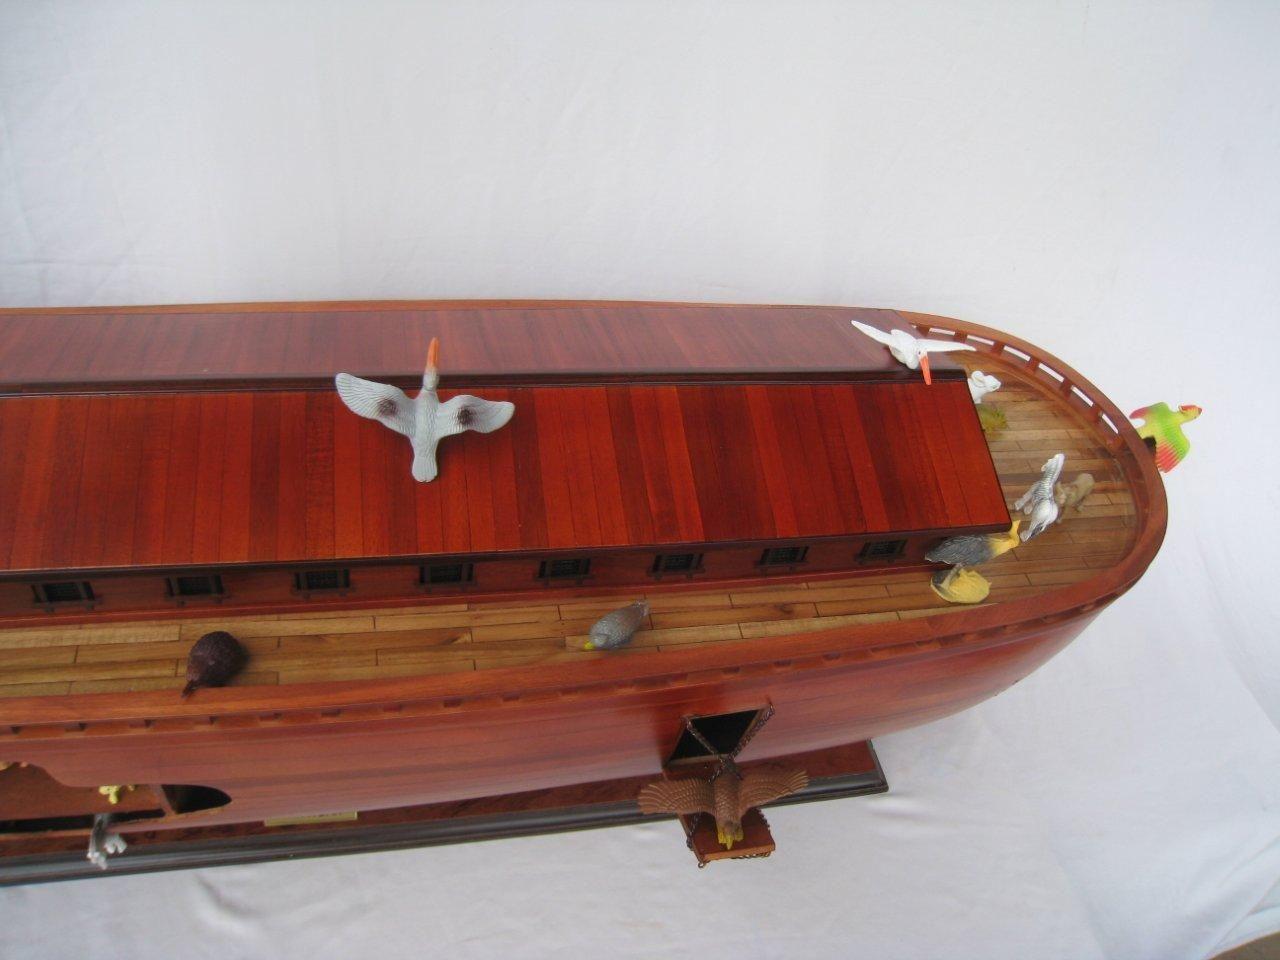 2043-12568-Noahs-Ark-Model-Boat